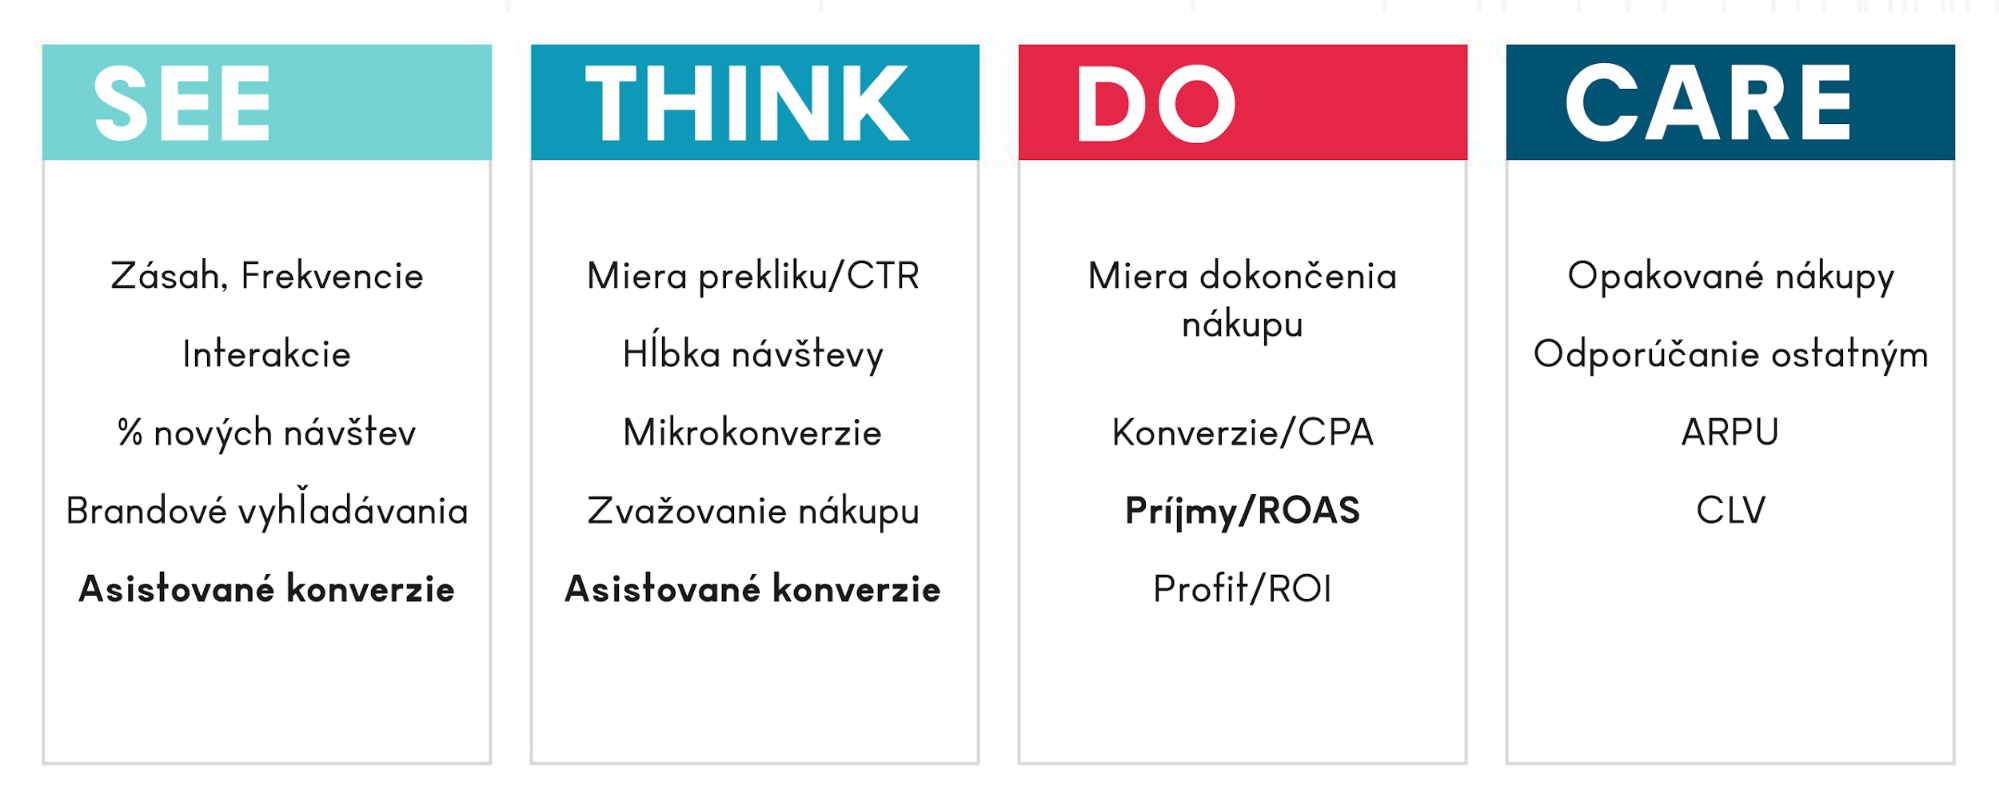 STDC KPI ukazovatele